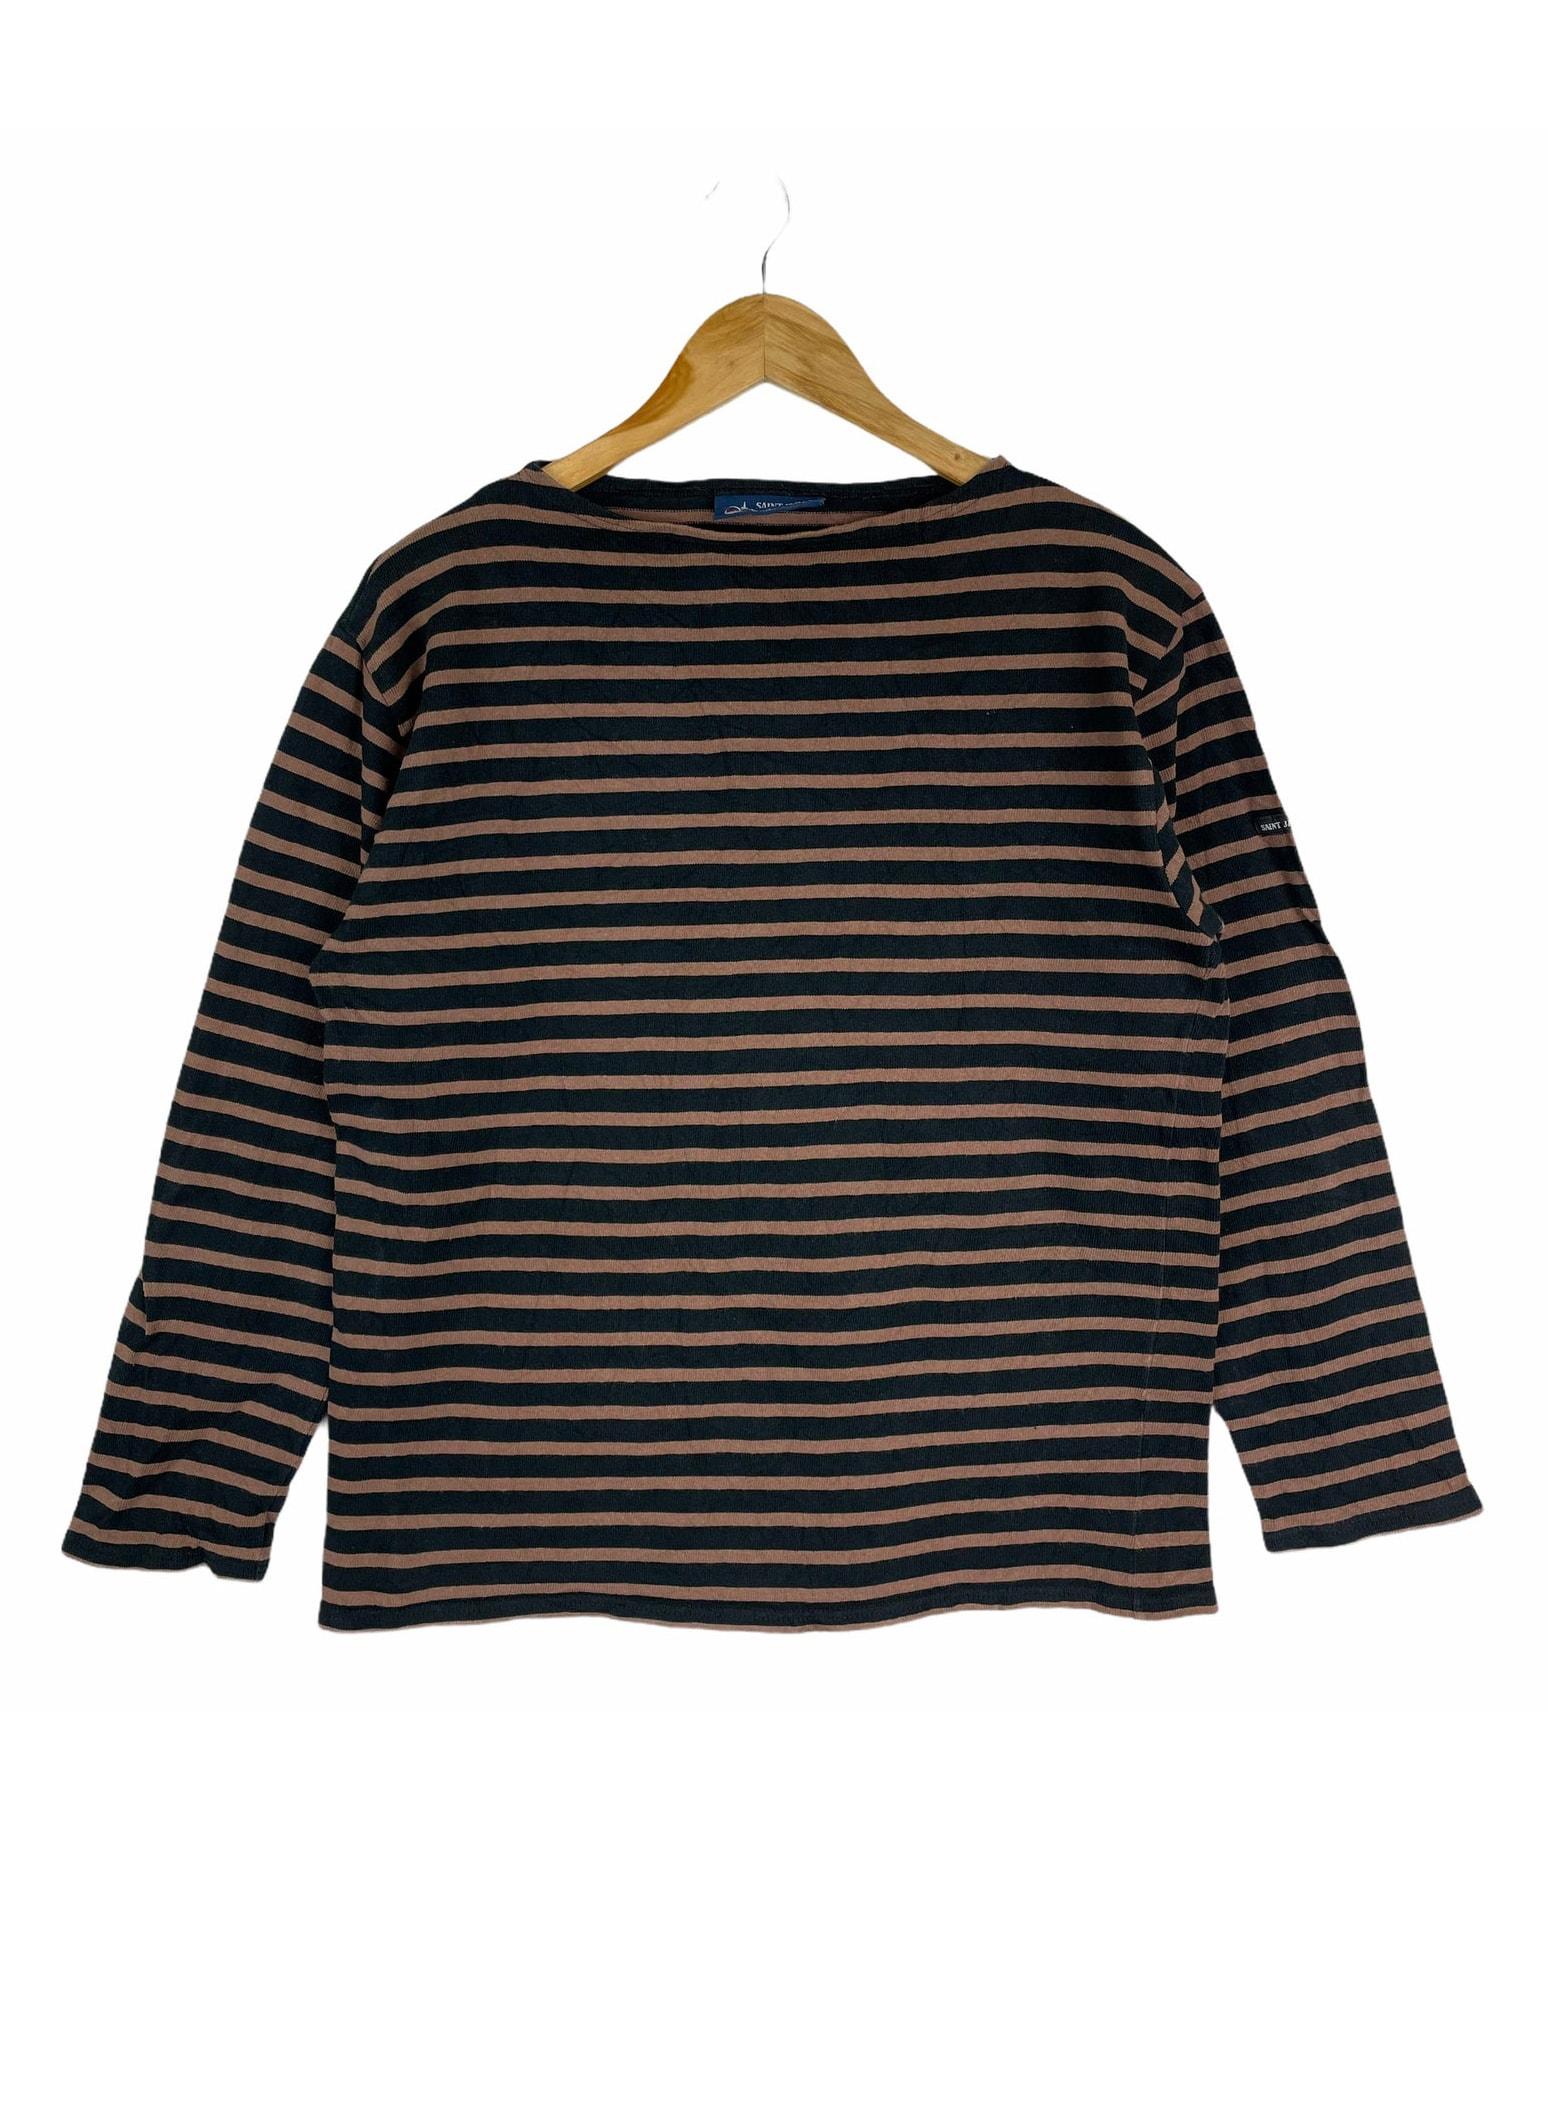 Vintage SAINT JAMES Stripes France Brand Designer Medium Size Knitwear